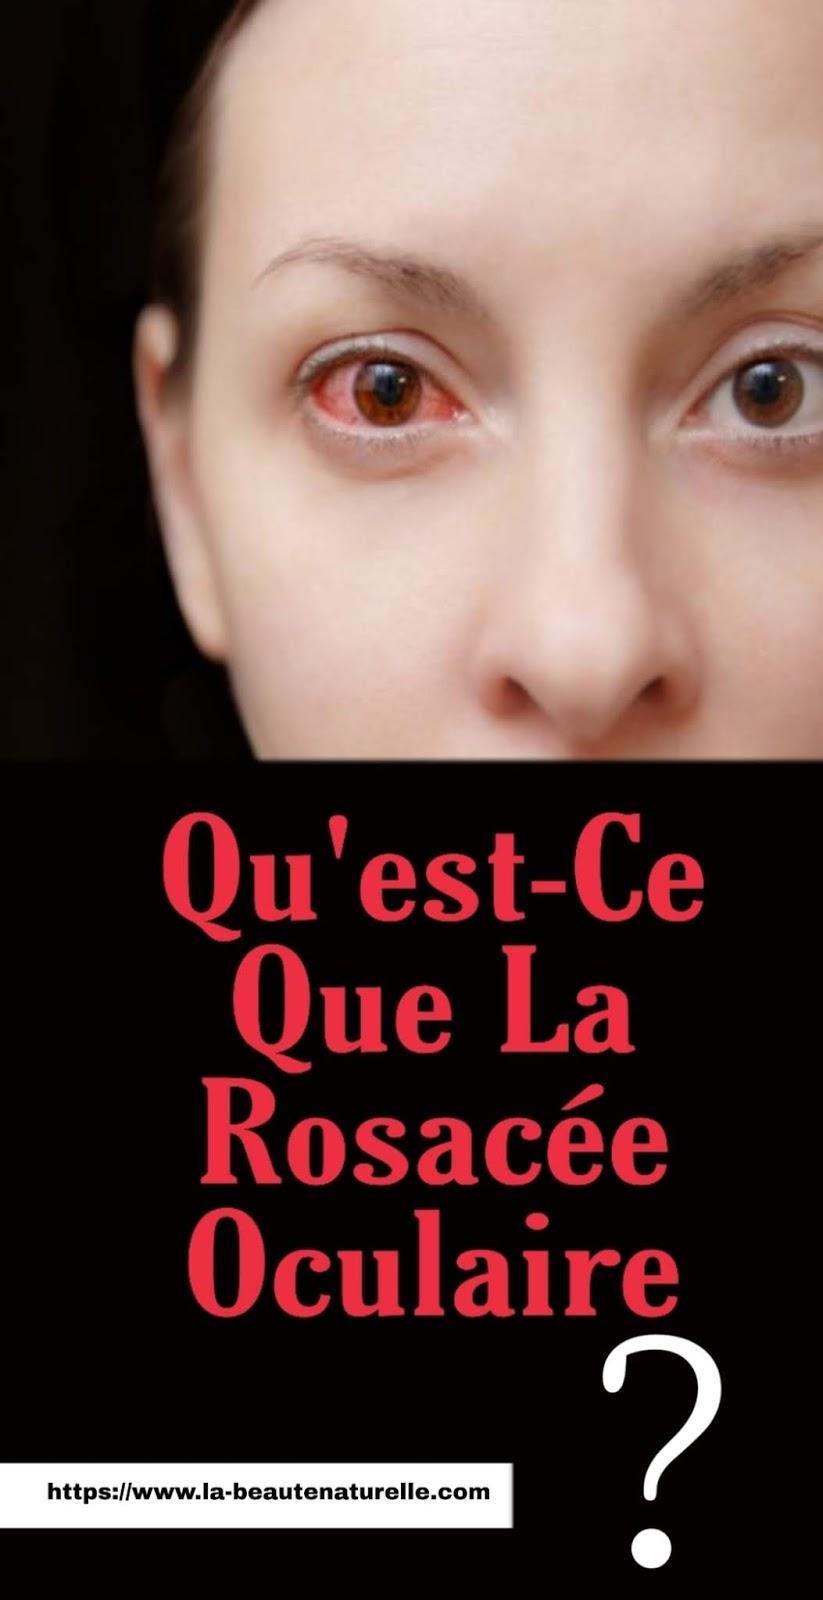 Qu'est-Ce Que La Rosacée Oculaire?